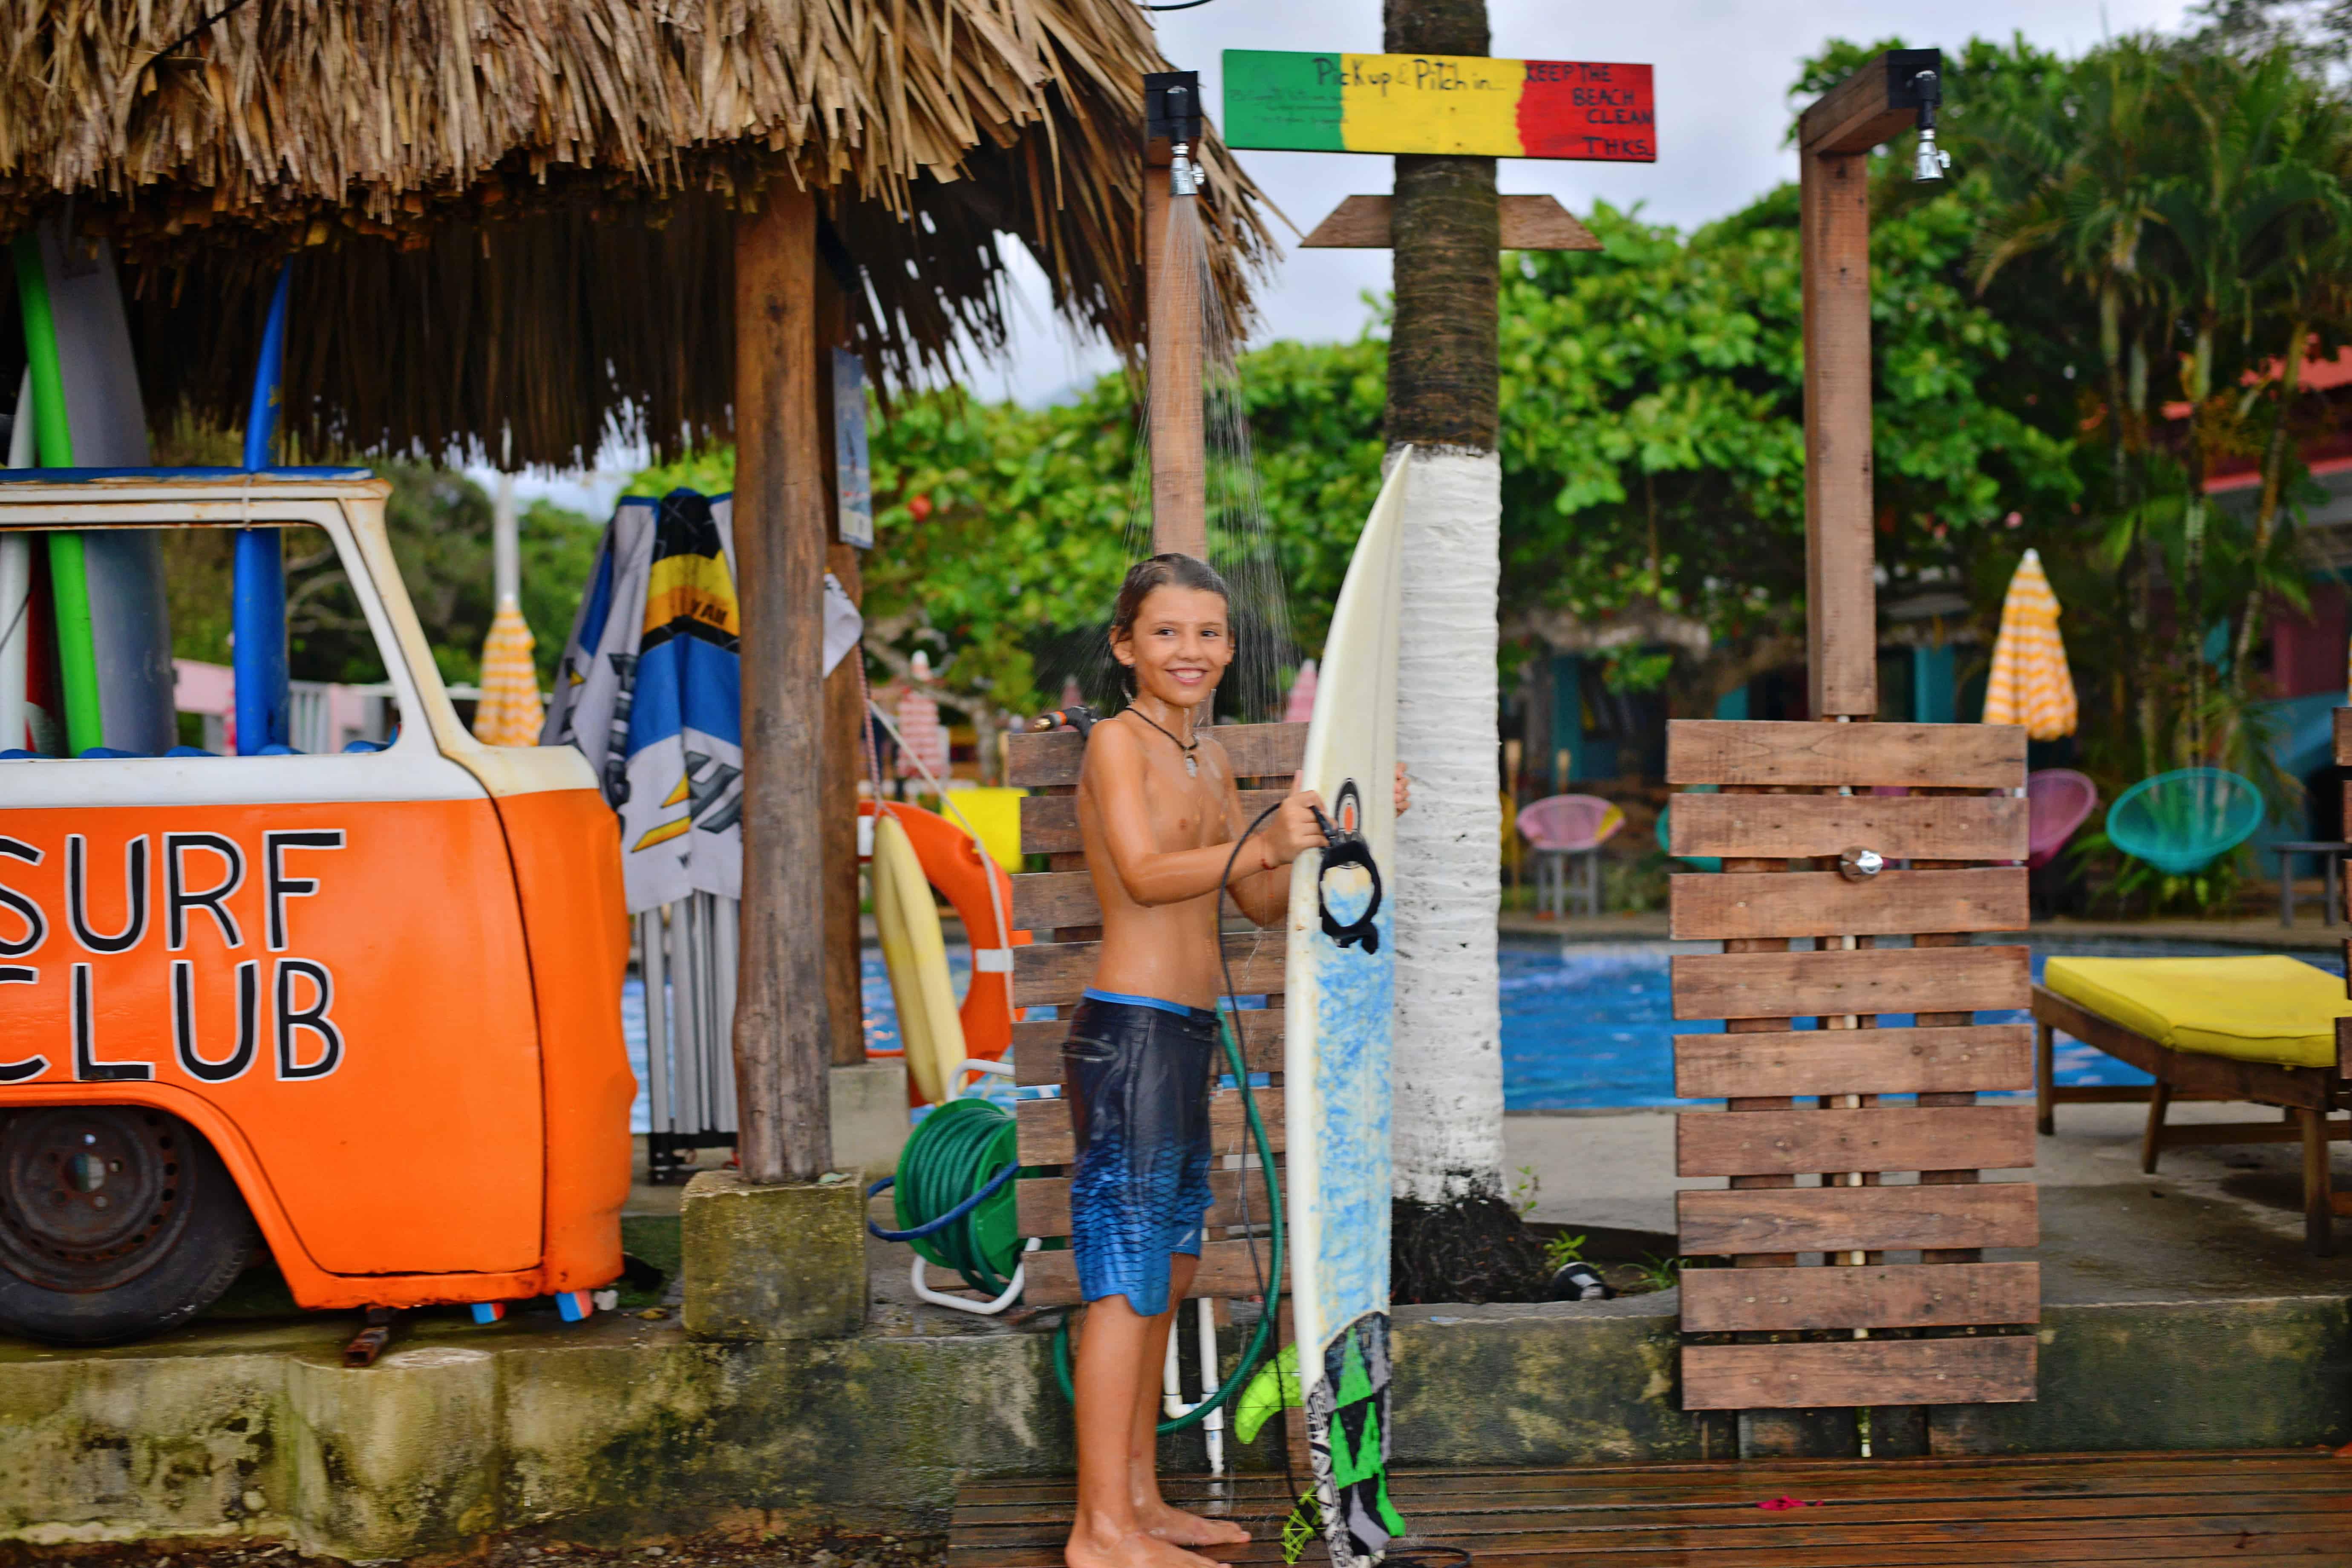 Å lete surfedrømmen i Costa Rica